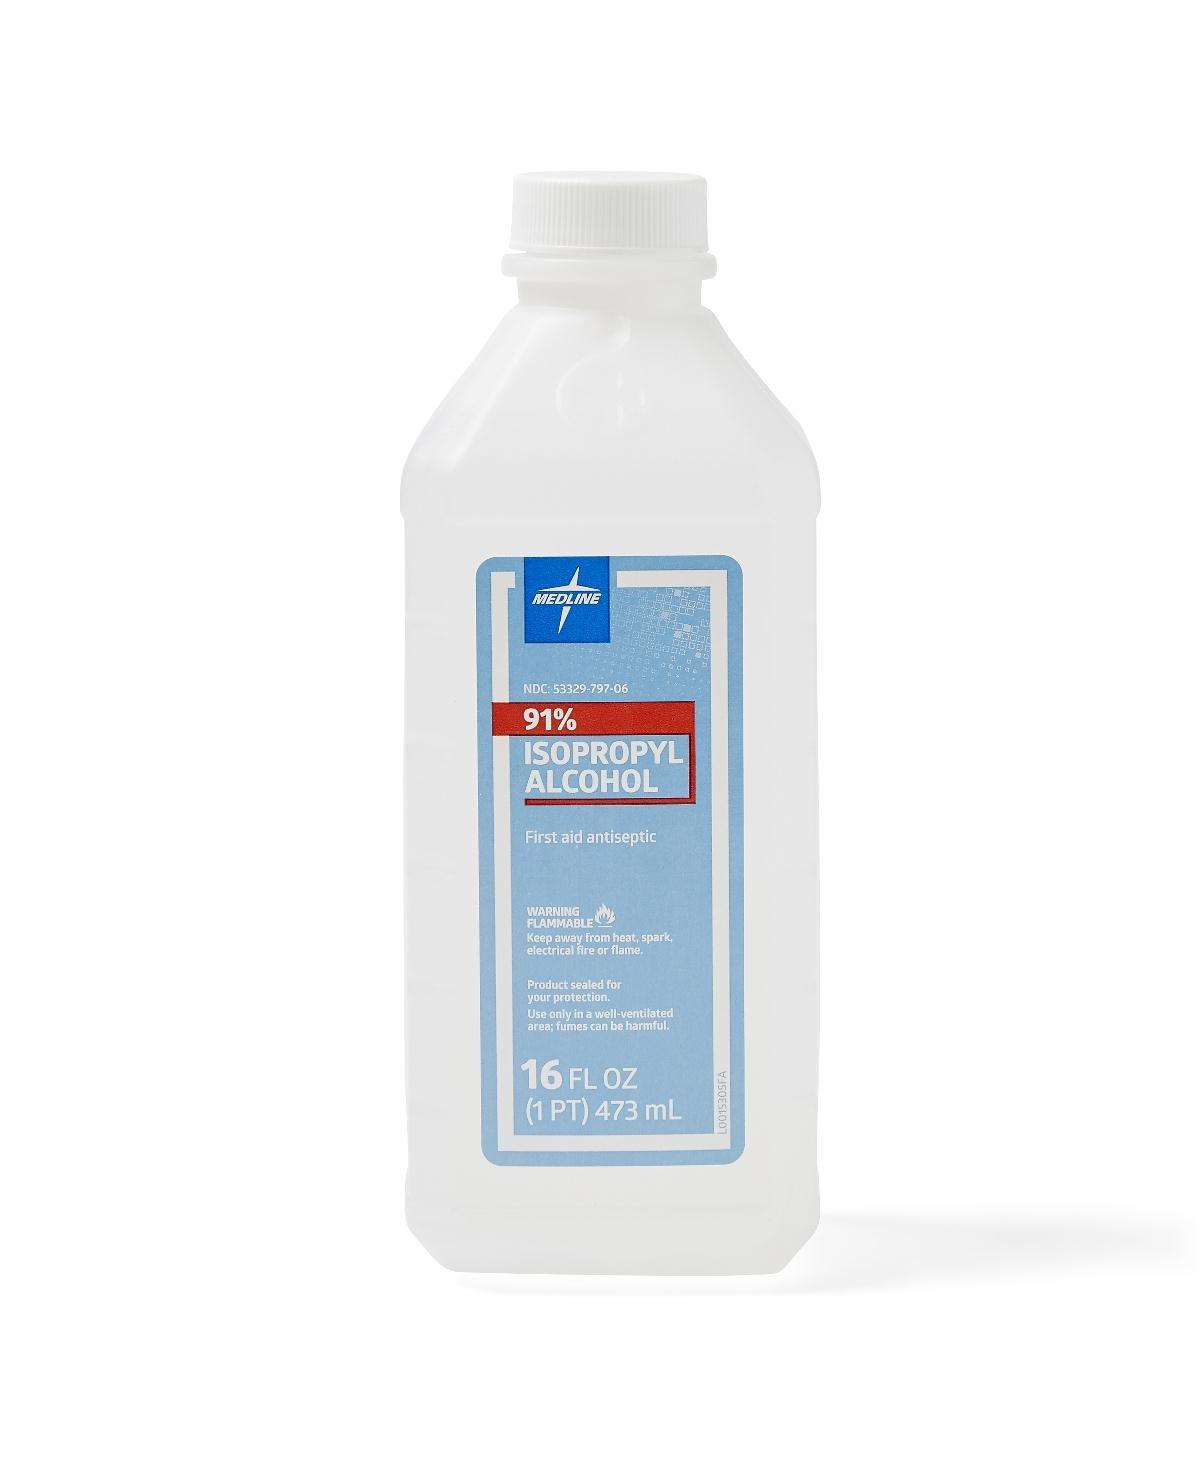 Medline MDS098012H Isopropyl Alcohol, 91%, 16 oz. Bottle